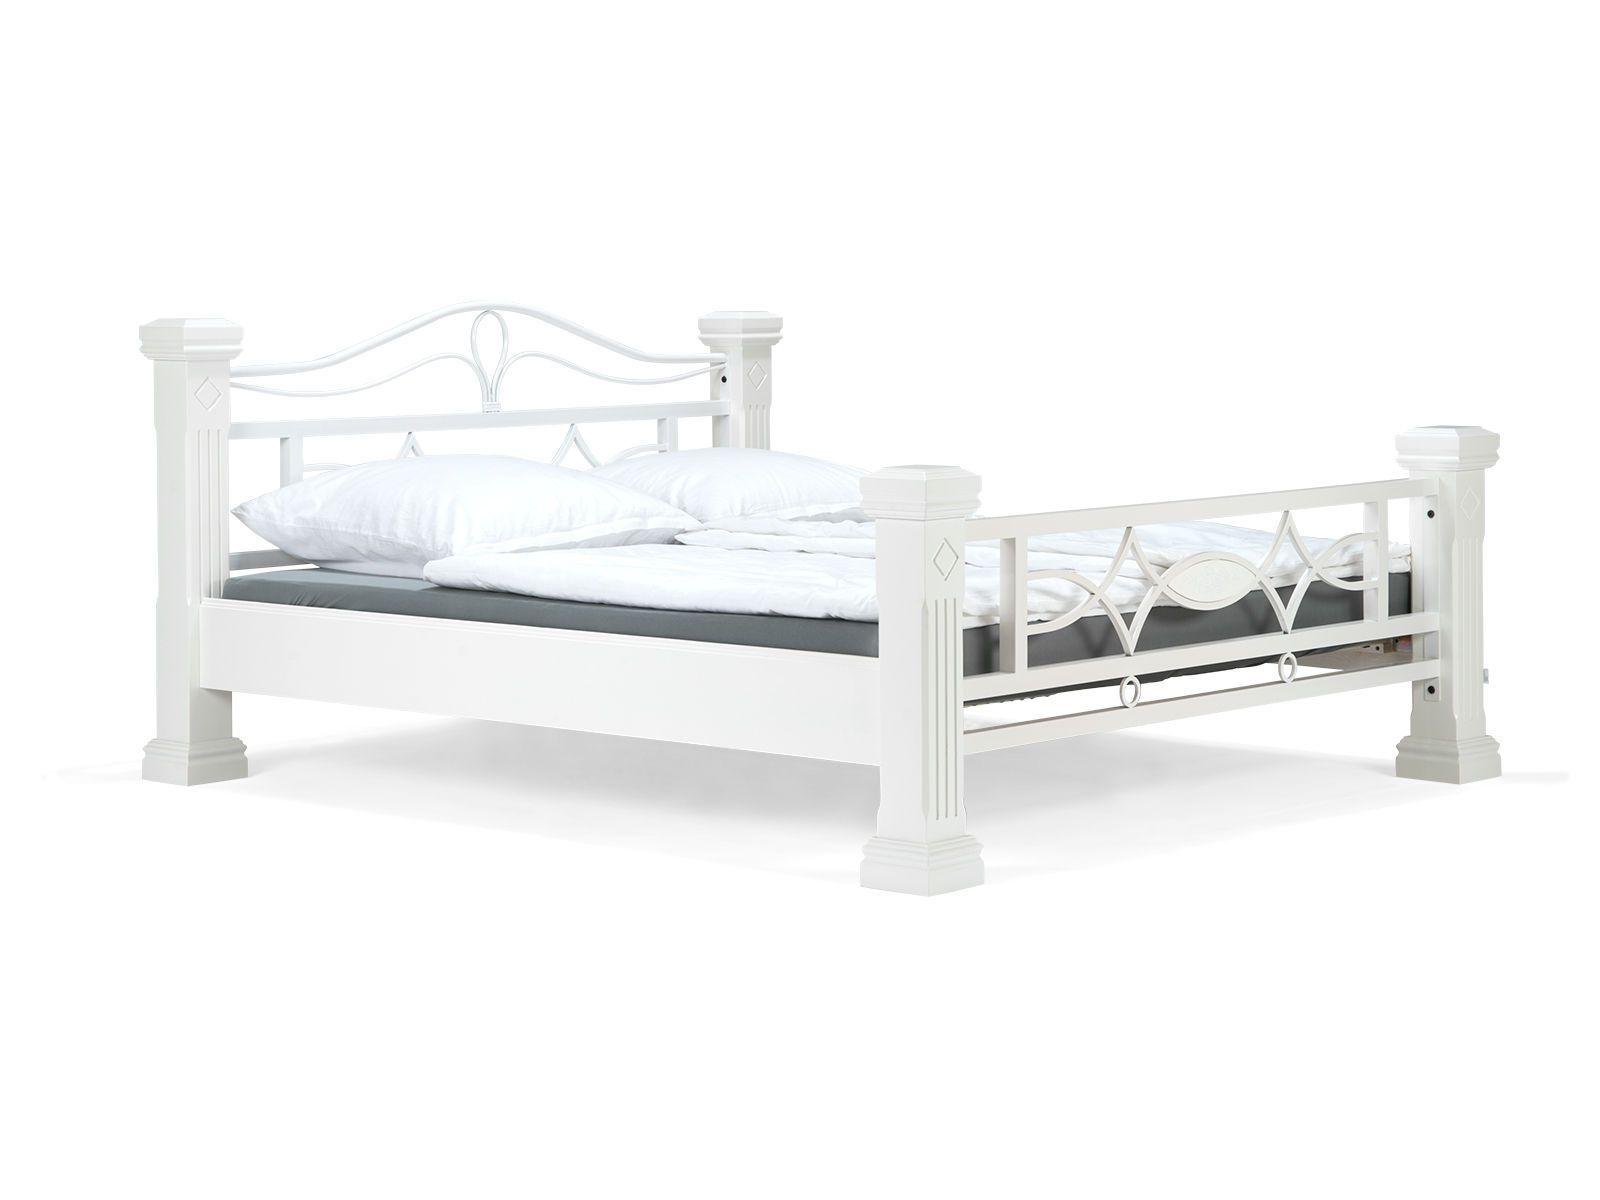 Ansprechend Bett Weiß 180x200 Das Beste Von Genial Weiß